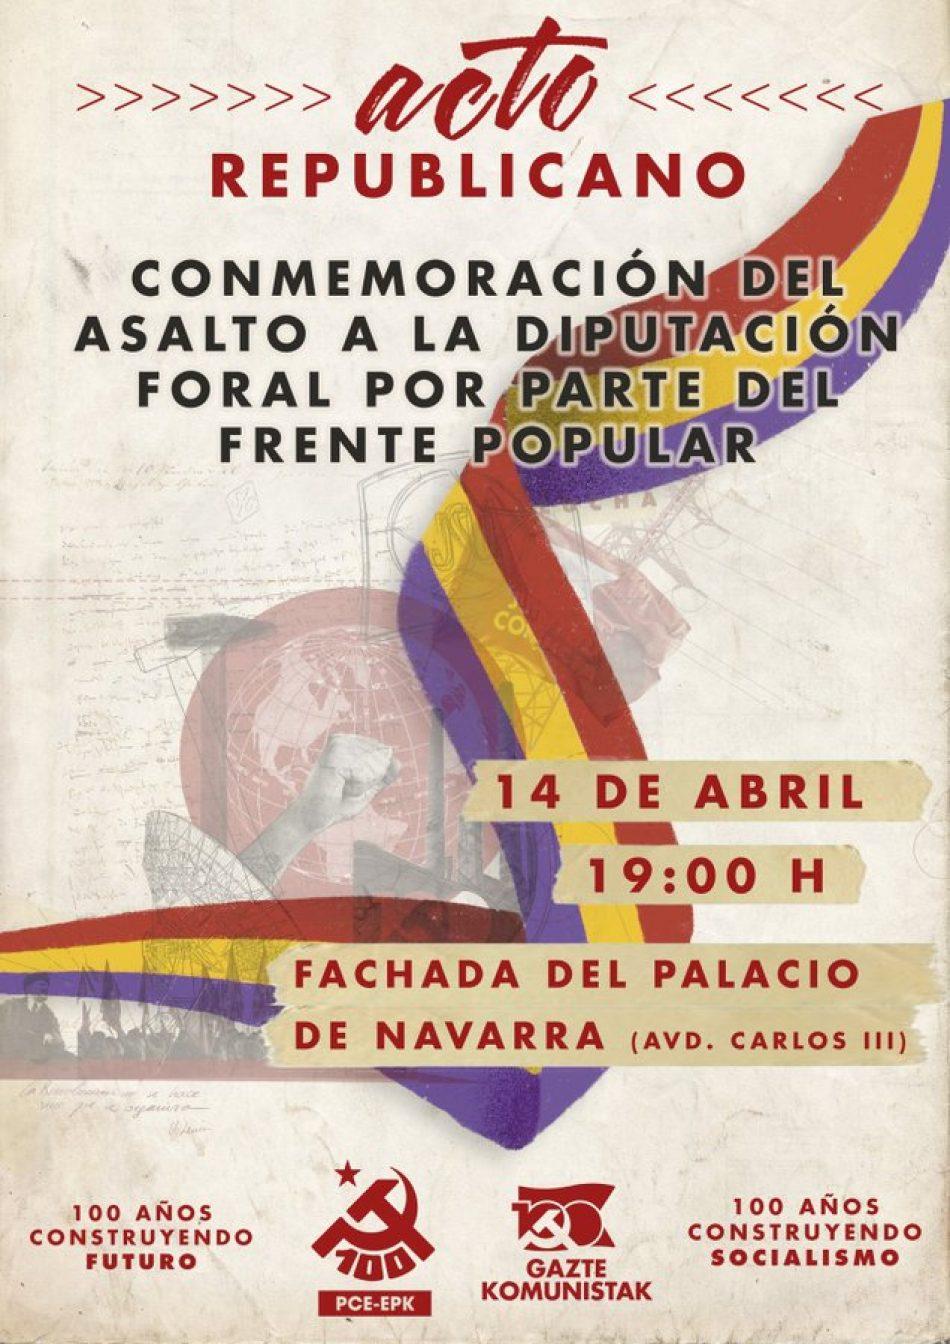 14 de Abril: Conmemoración del asalto a la Diputación Foral de Navarra por parte del Frente Popular